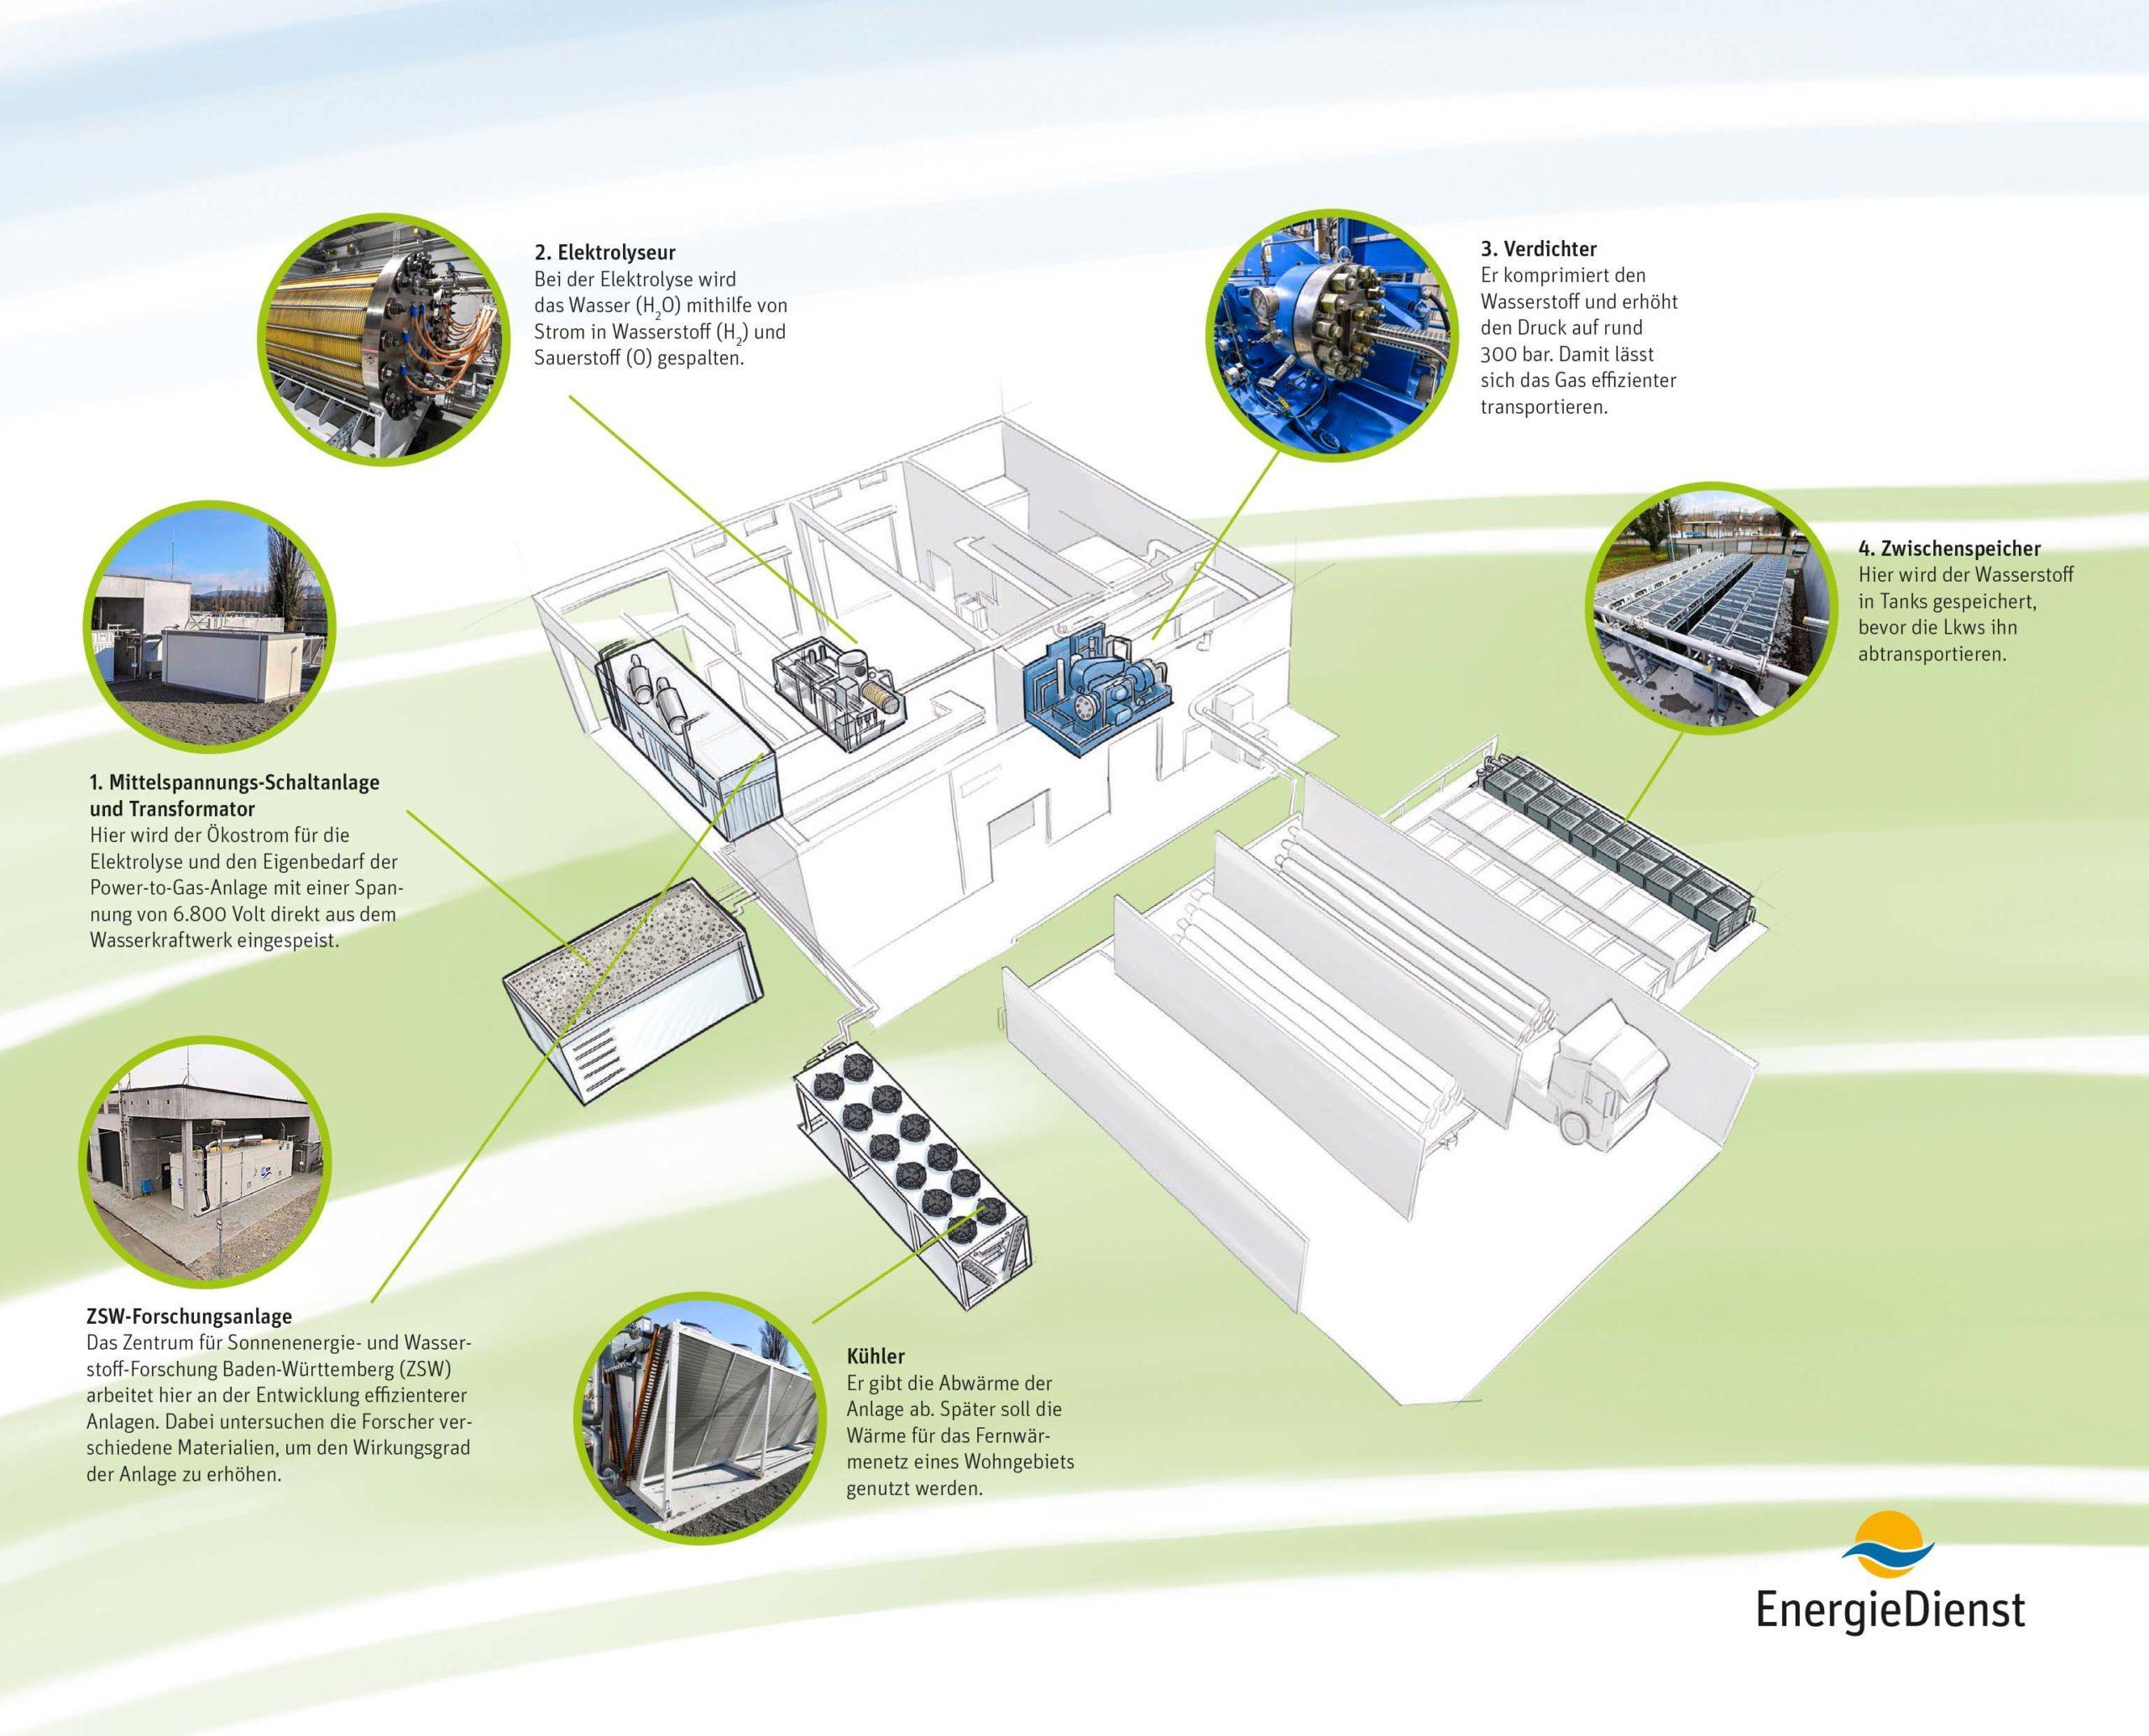 Wie die Power-to-Gas Anlage in Wyhlen Wasserstoff erzeugt, zeigt das Schaubild